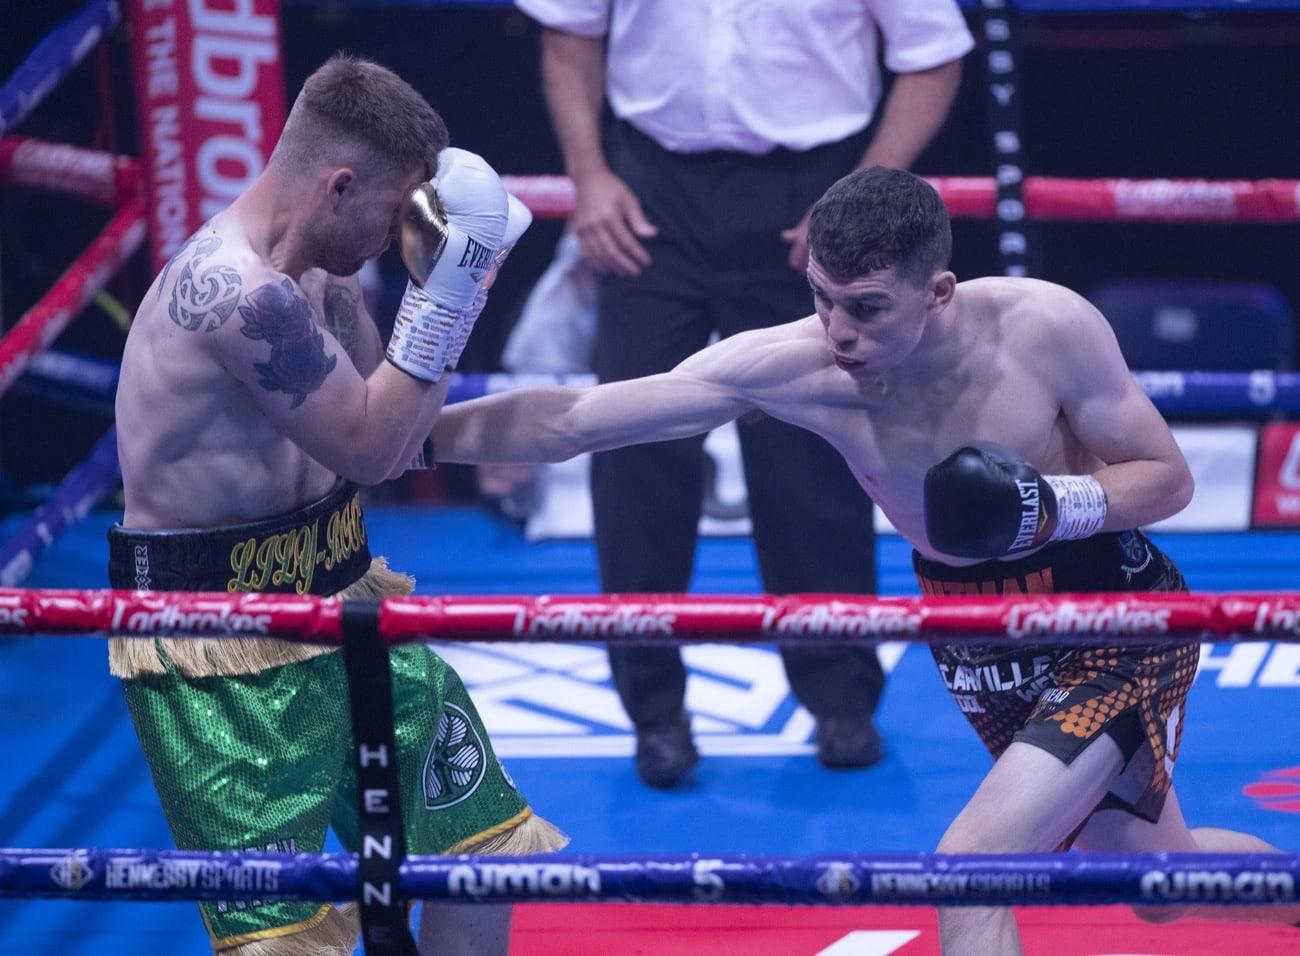 Stephen McKenna - British Boxing